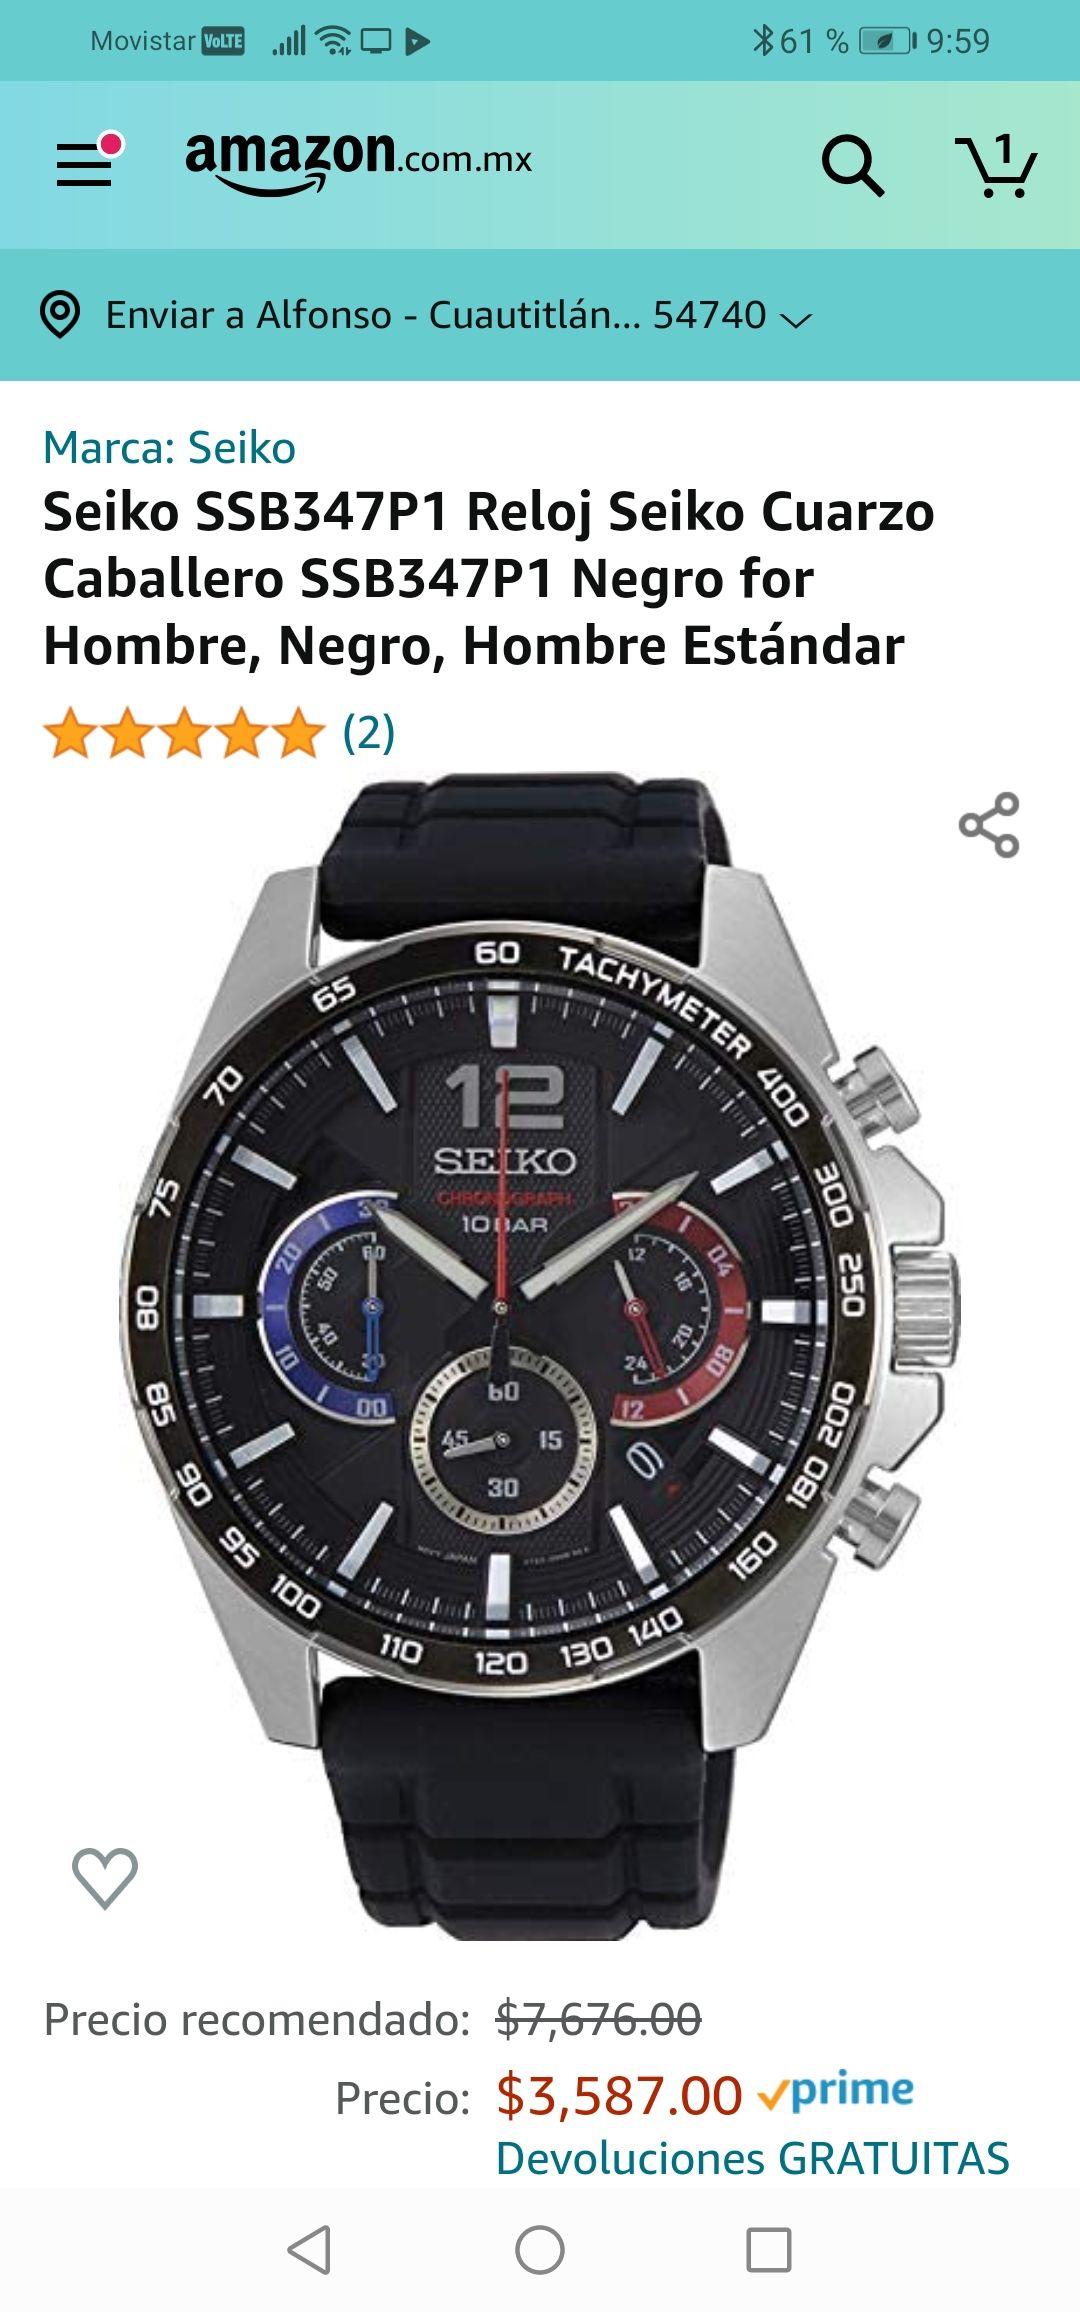 Amazon: Seiko SSB347P1 Reloj Seiko Cuarzo Caballero SSB347P1 Negro for Hombre, Negro, Hombre Estánd